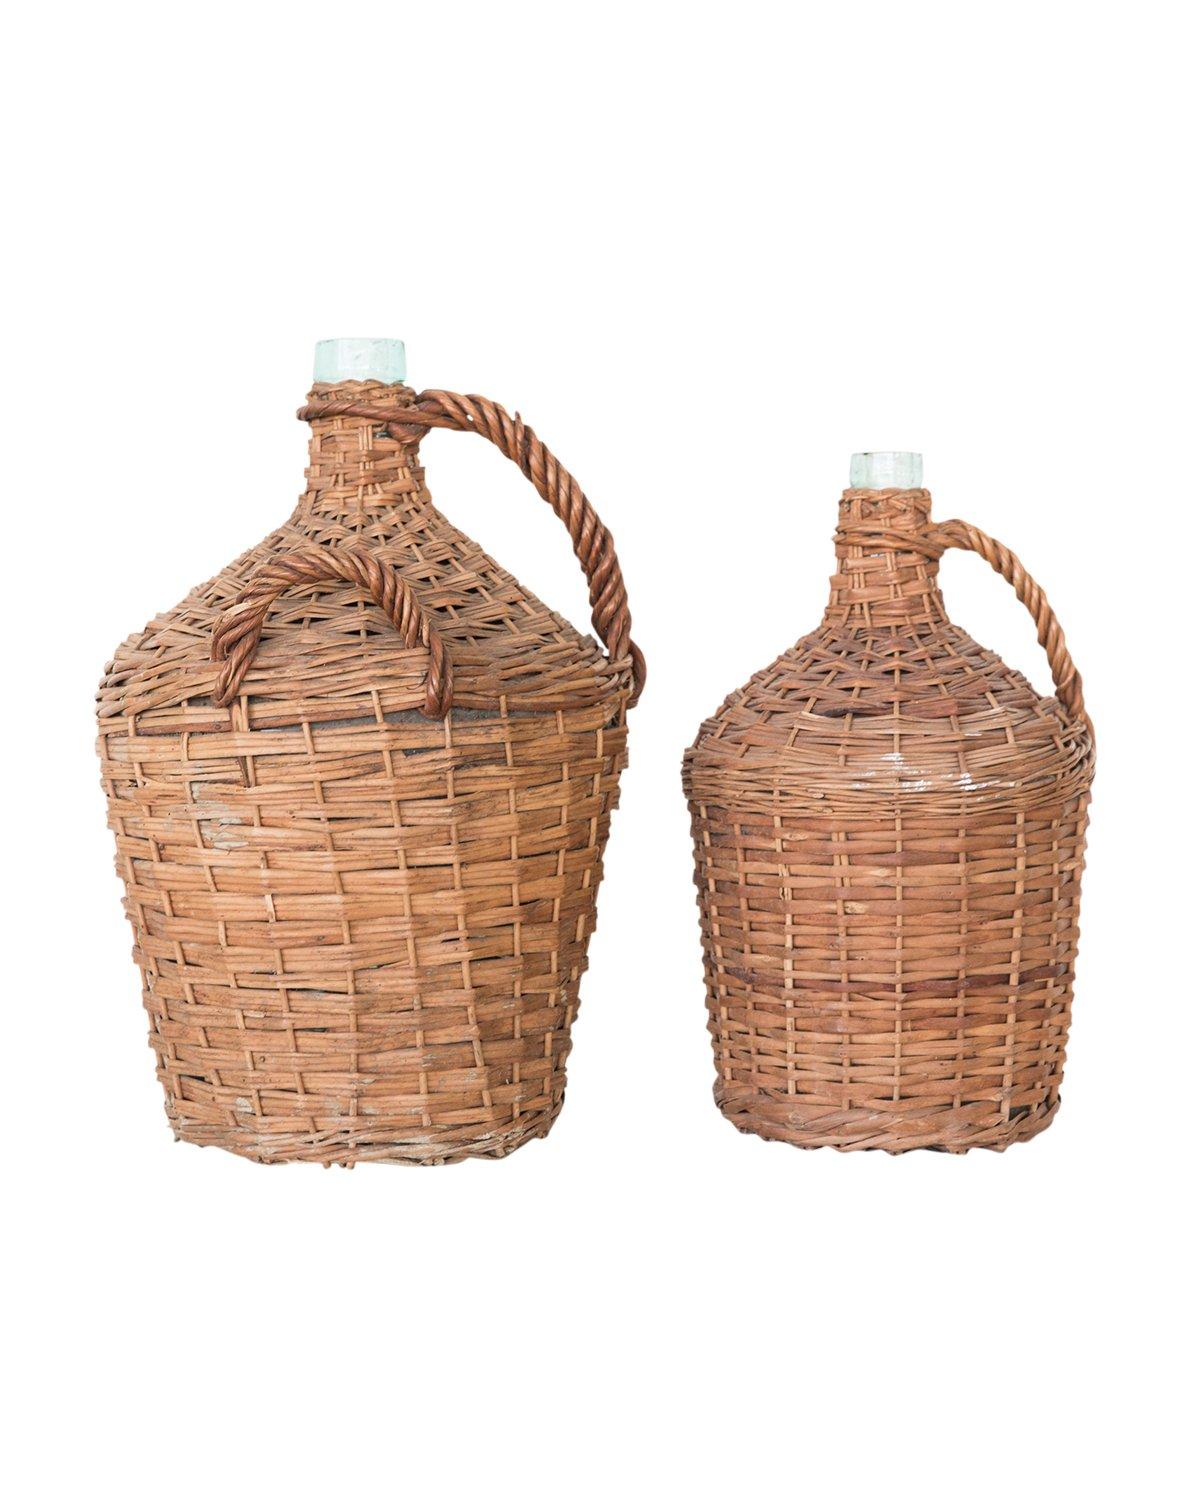 Wicker_Demijohn_Bottle_1.jpg